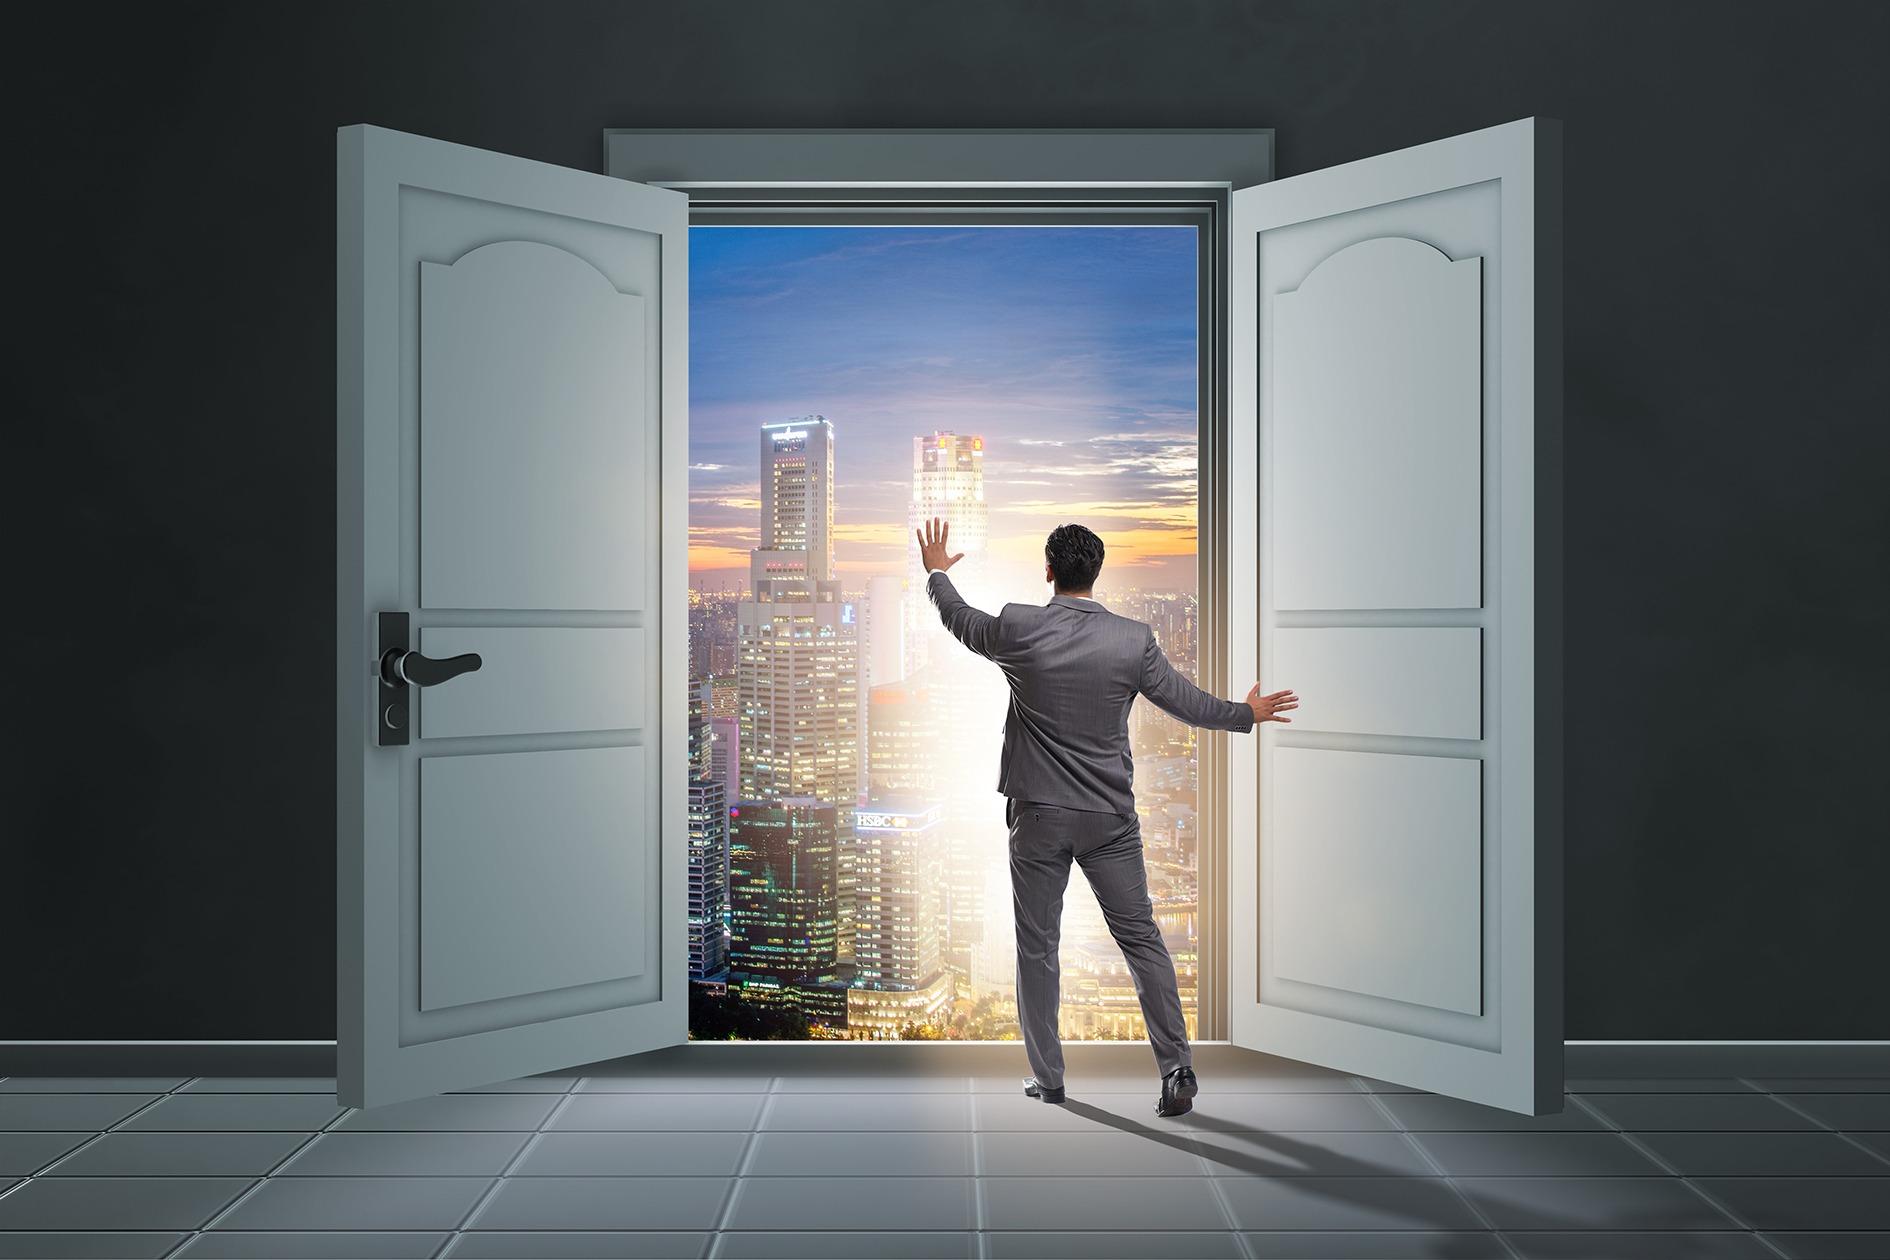 Guy standing next to open doors